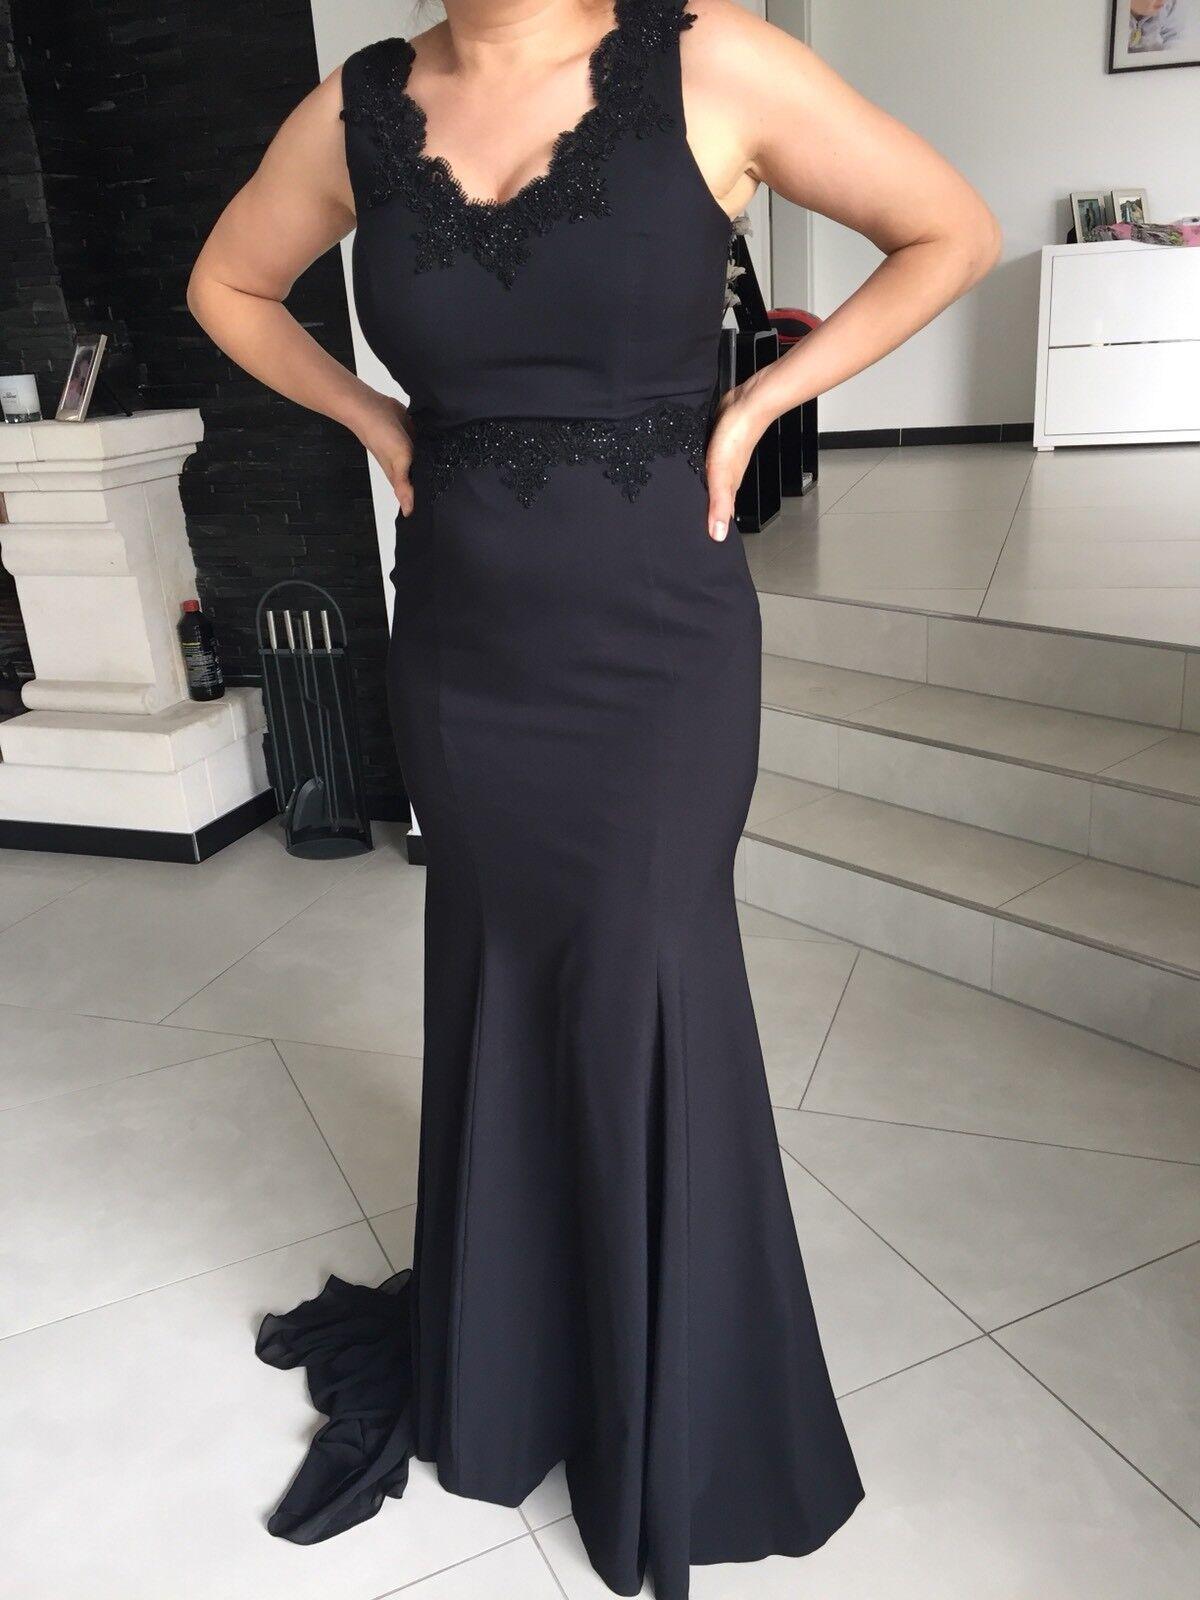 2f996a0d4ad Hondrocream ist die Schnellste Abendkleid ballkleid Abiball Kleid Lang  butik Dayi Gr. 36 38 Schwarz Schleppe 2faf27